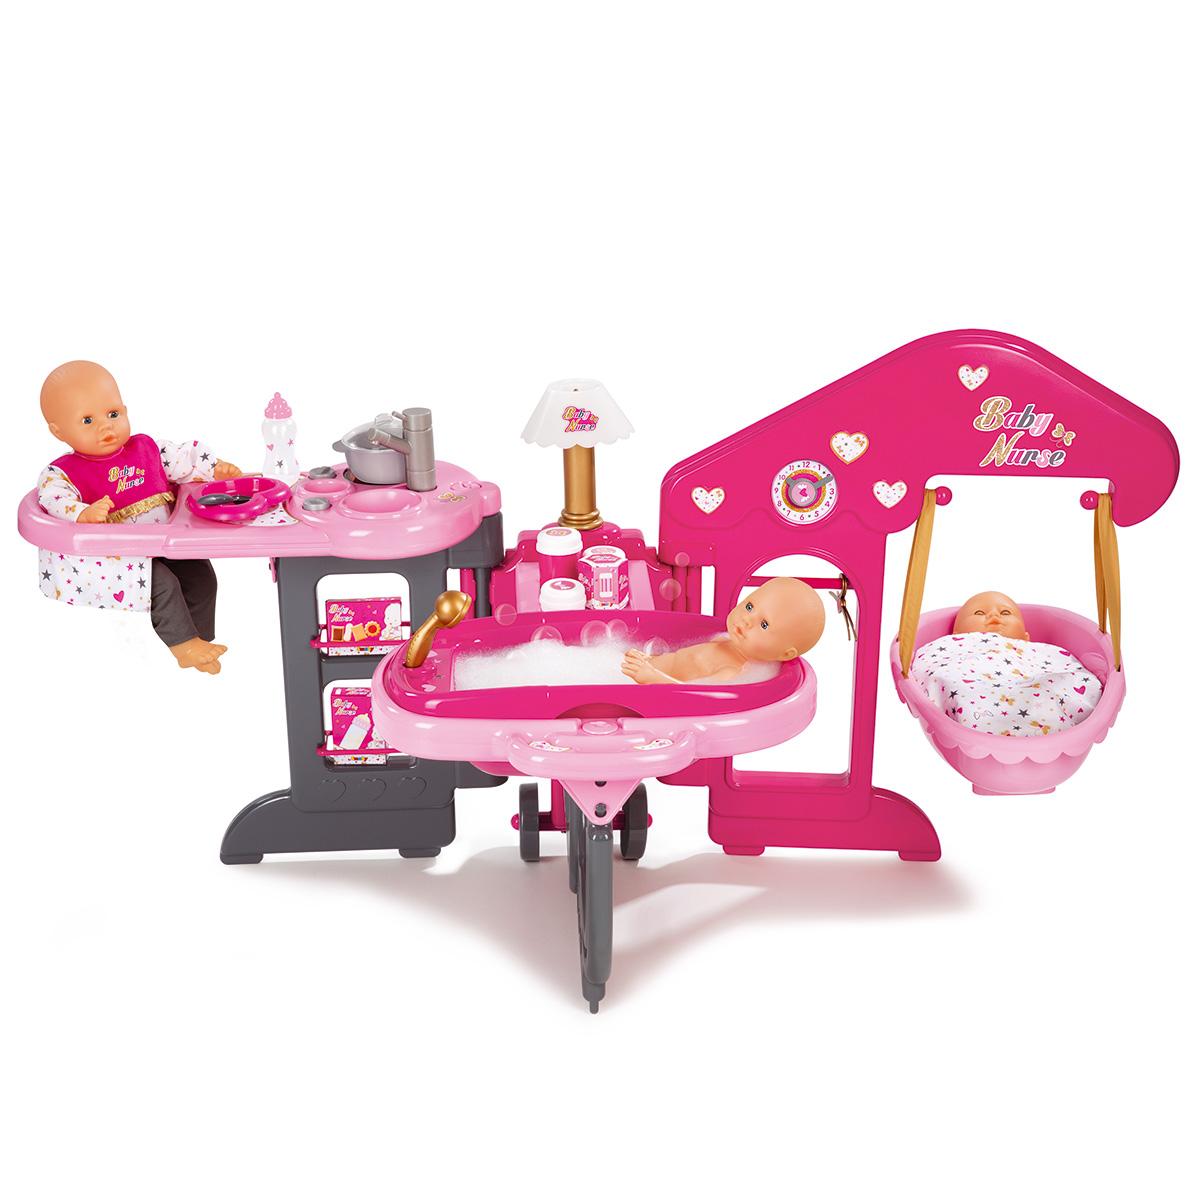 Billede af Smoby plejestation til dukker - Baby Nurse Baby House